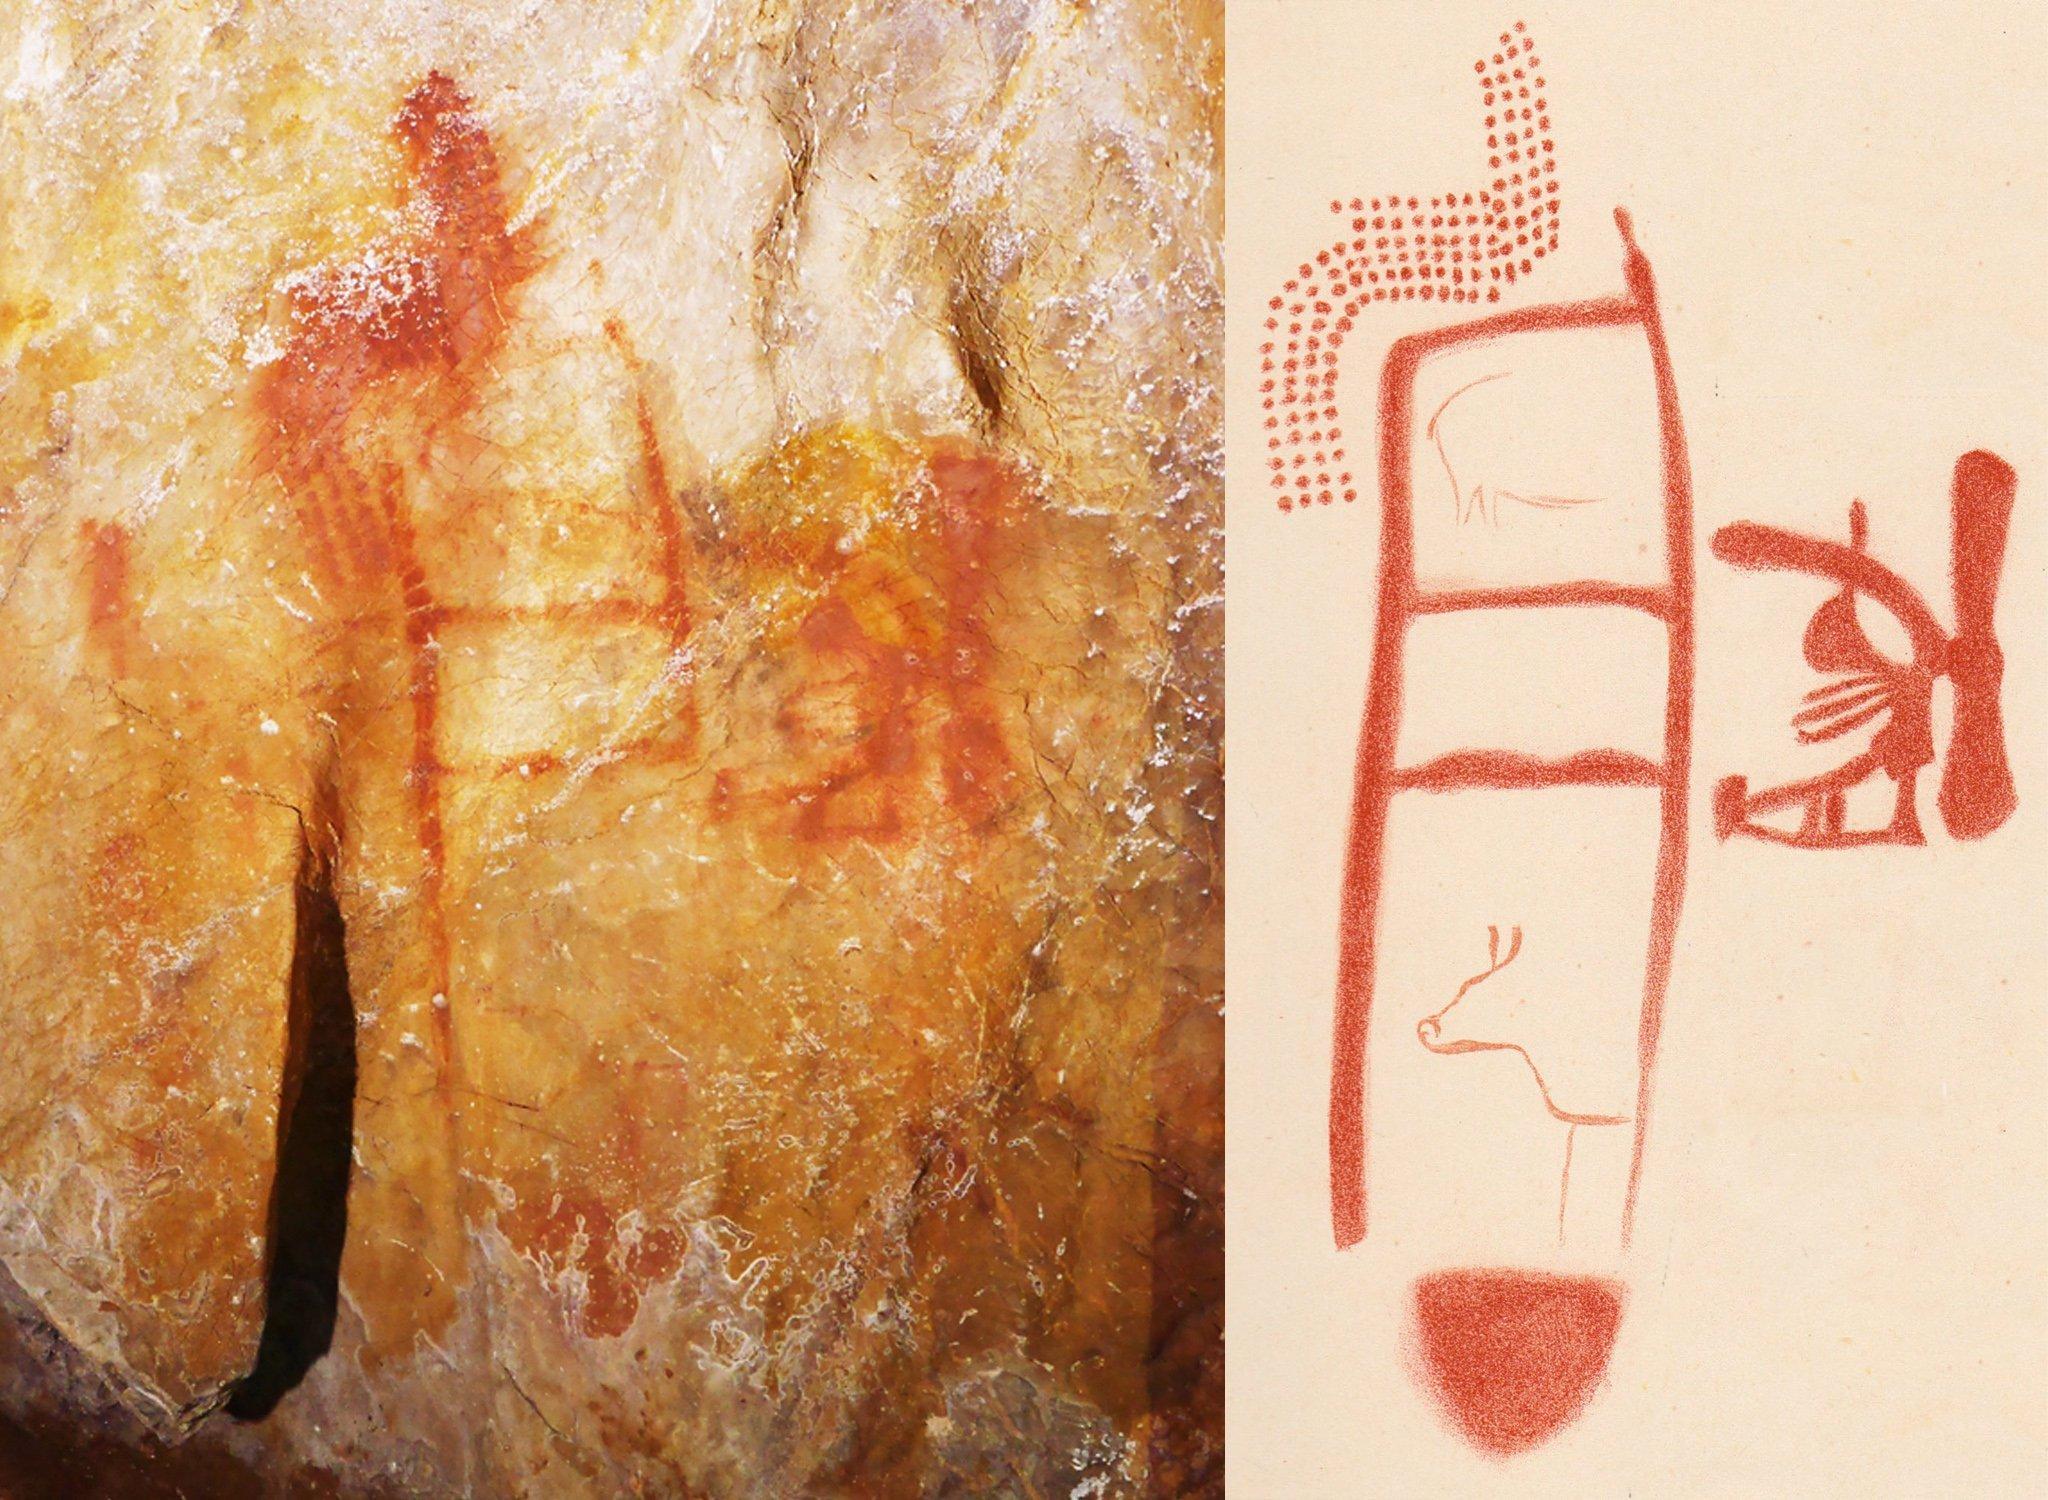 Das Foto zeigt Zeichnunngen, die Urzeit-Künstler auf den Felswänden der Höhle La Pasiega im Nordosten Spaniens hinterließen. Zu erkennen sind leiterartige Gebilde, die mindestens 64.000Jahre alt sind und von Neandertalern stammen müssen. Ob auch die weiteren Figuren dort an der Wand von Neandertalern stammen oder jüngeren Datums sind, ist noch nicht bekannt.